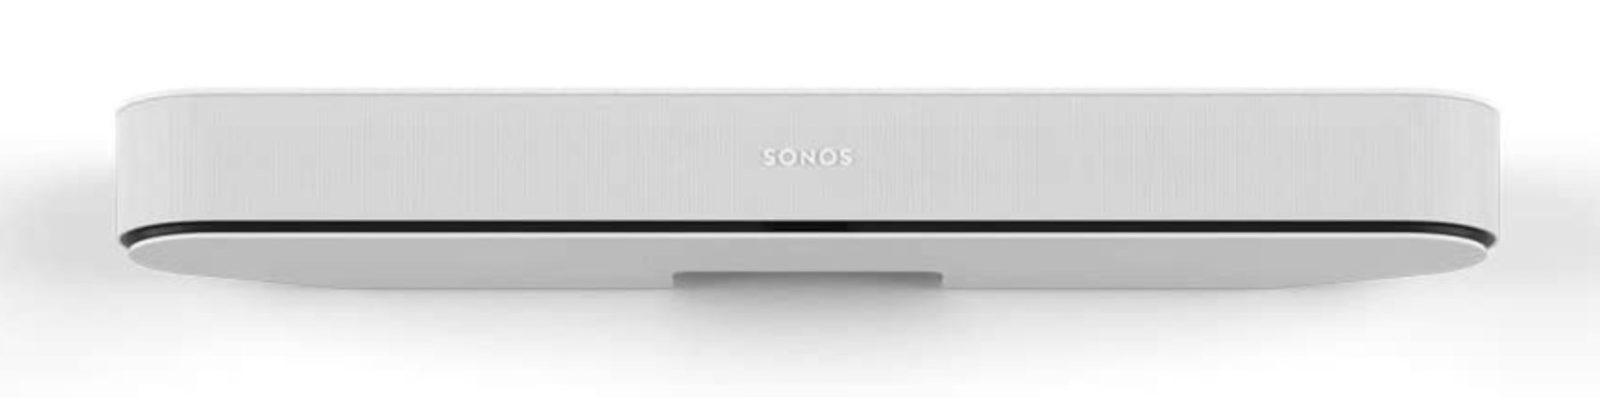 Offerta Sonos: altoparlanti smart e soundbar al prezzo più basso di sempre